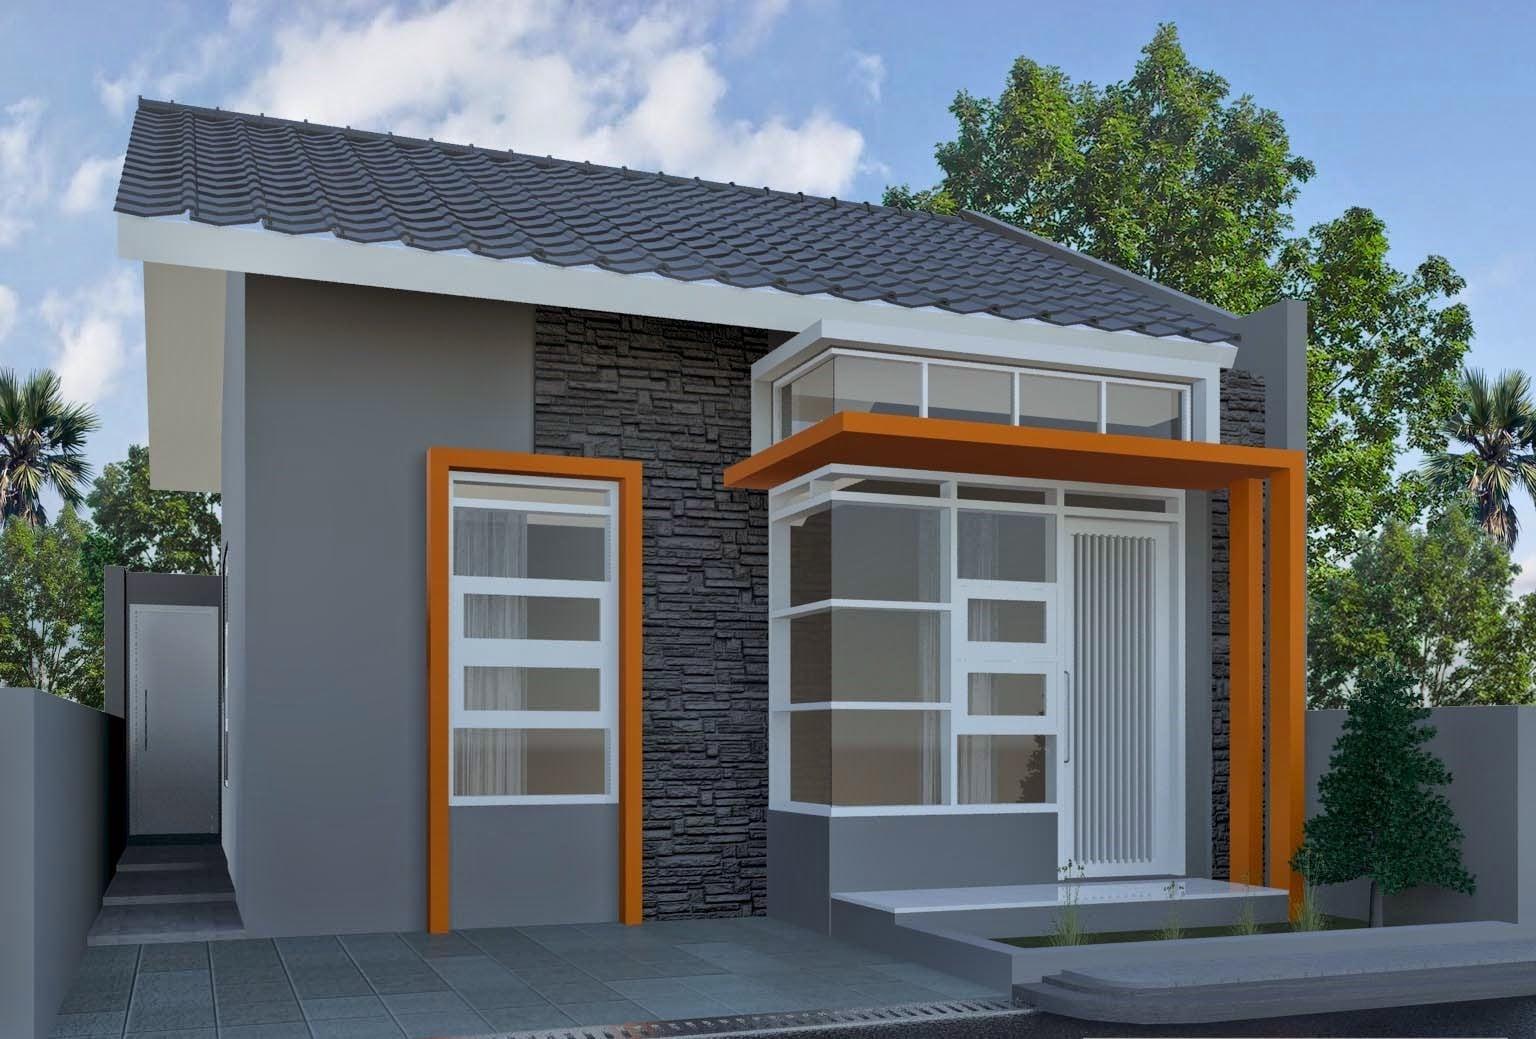 5800 Gambar Rumah Minimalis Sederhana Di Desa HD Terbaik